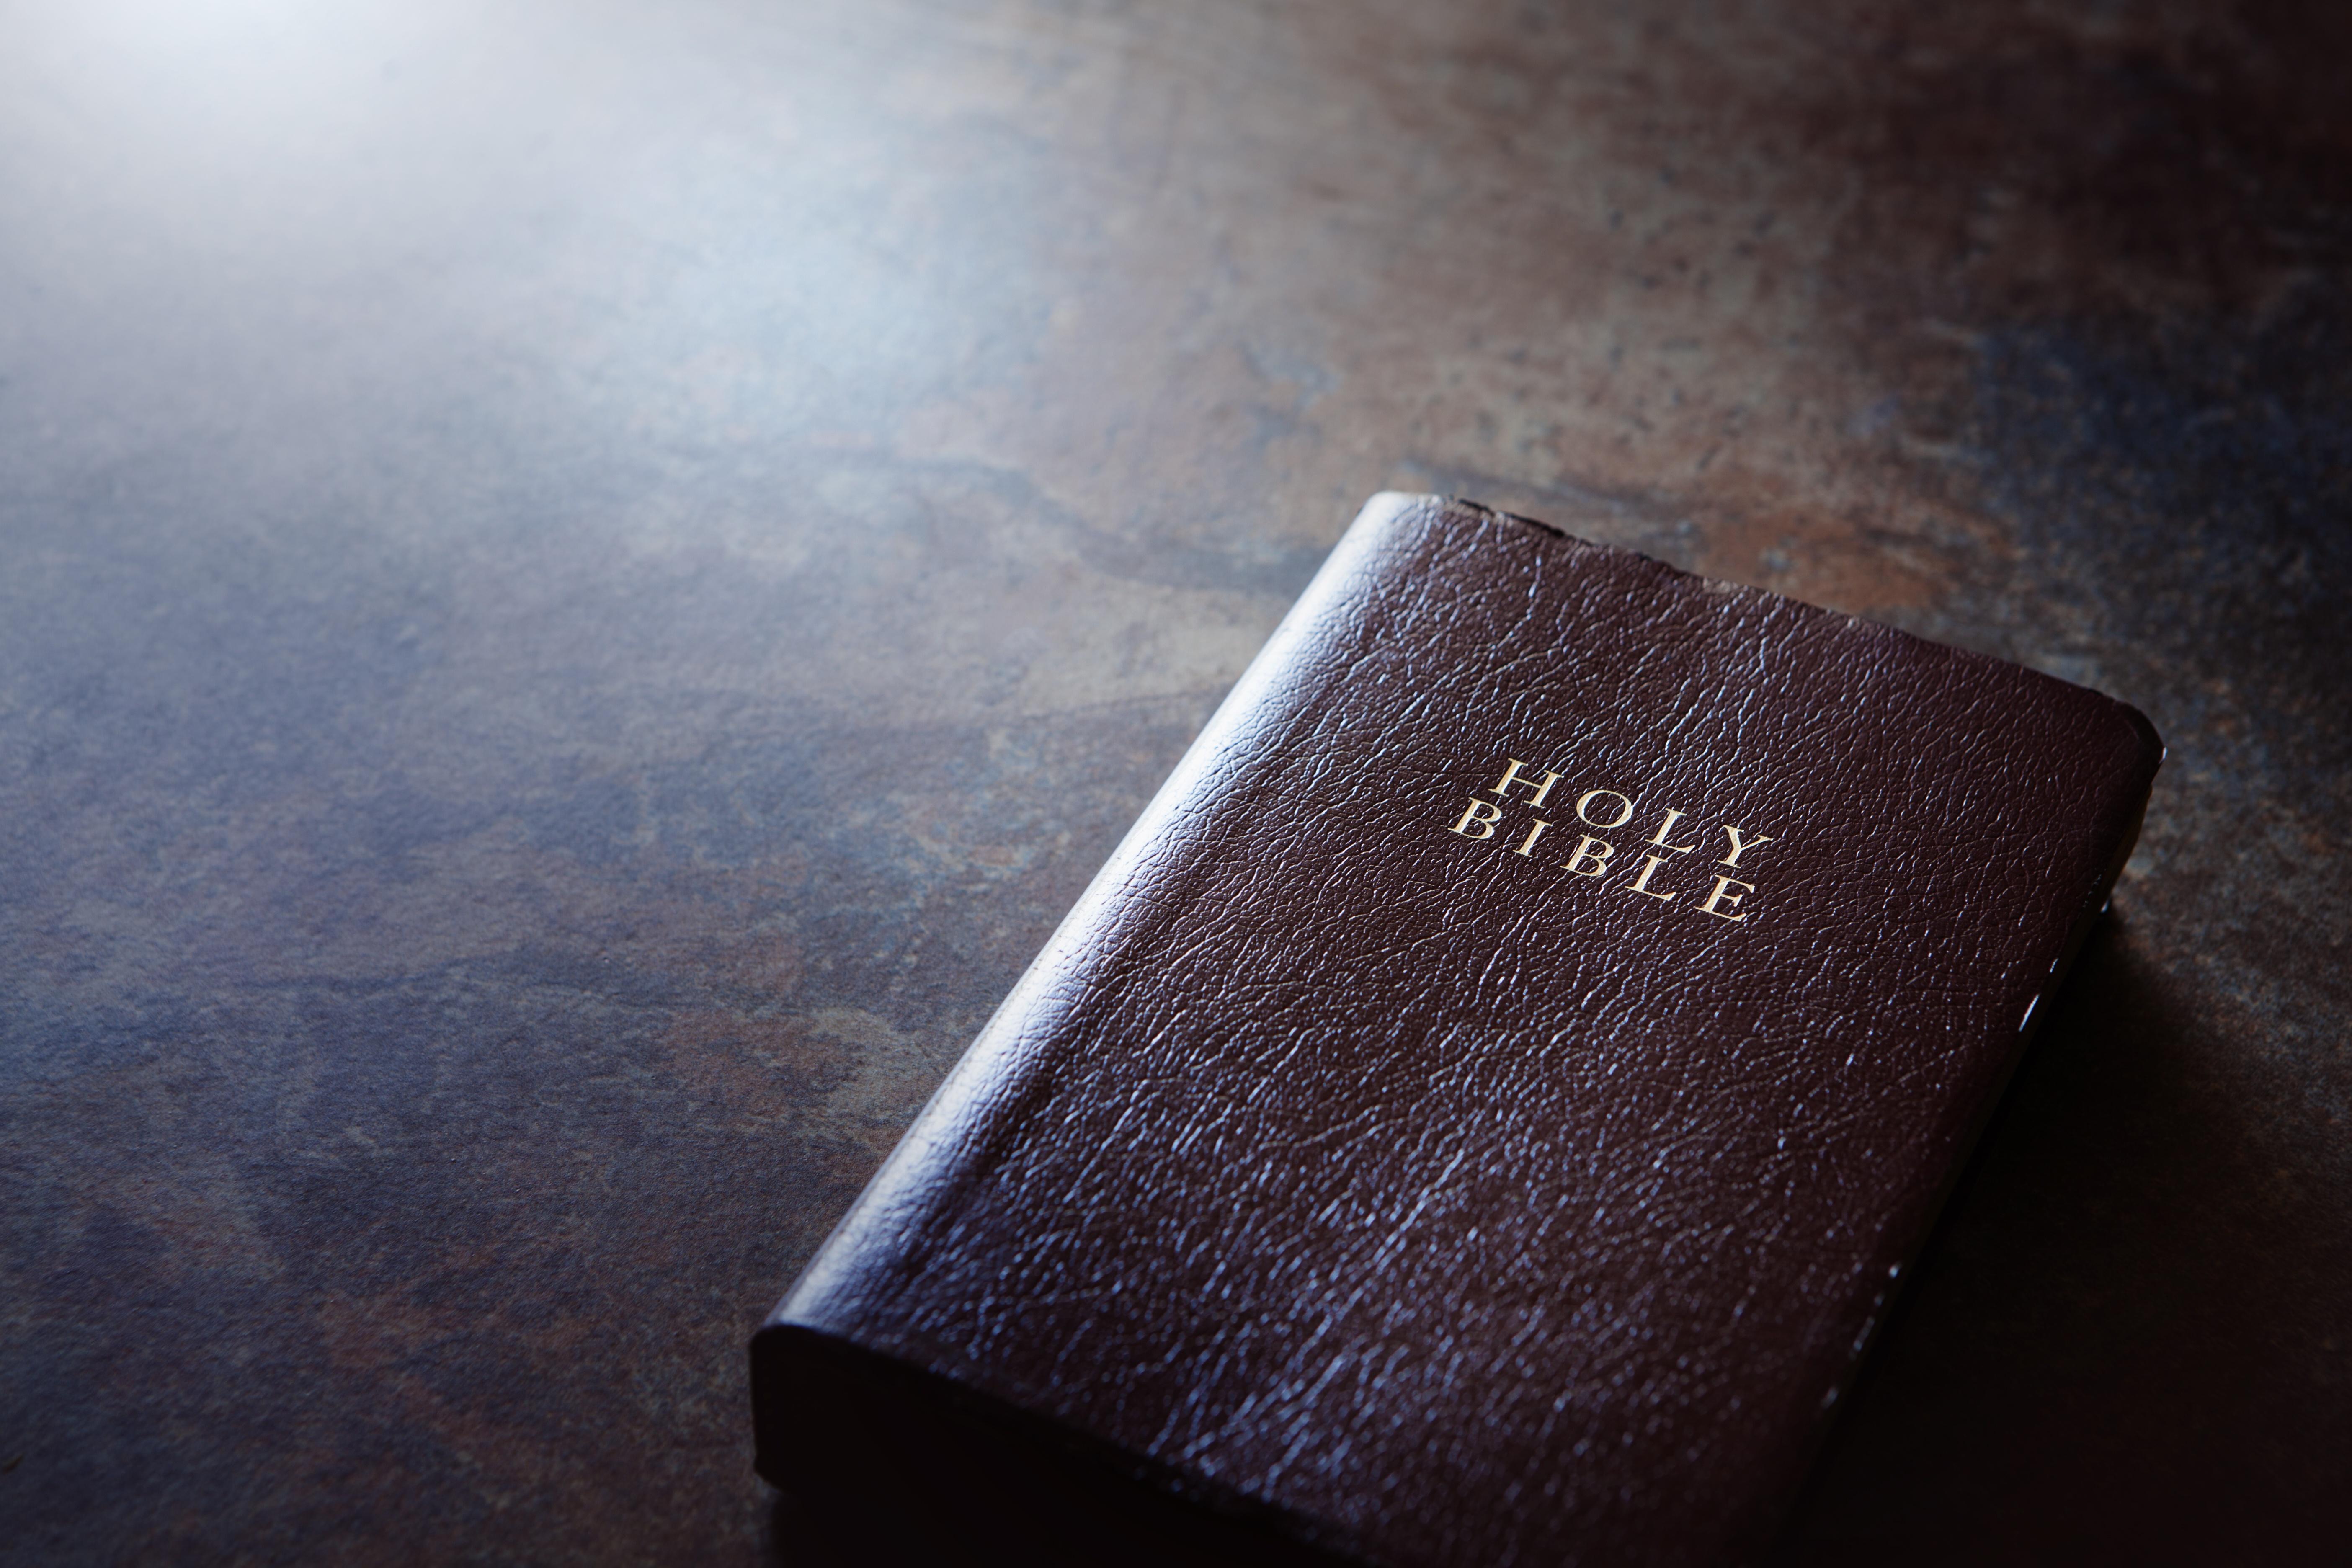 ¿Qué fue abolido en Cristo, según Efesios 2:14-15?